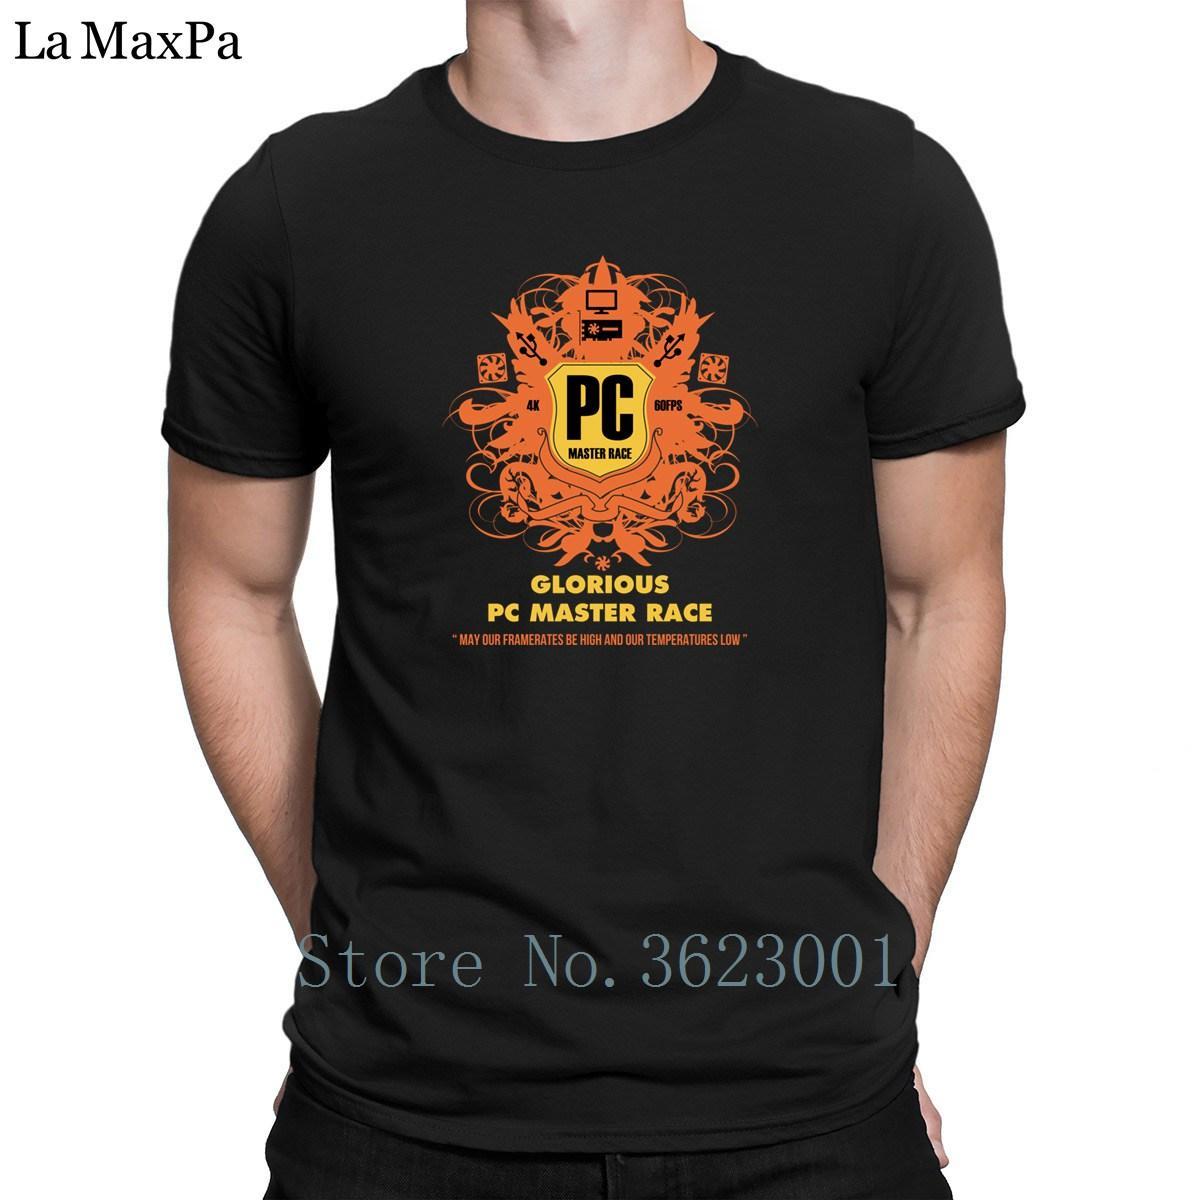 Carácter Delgado Camiseta para hombre Pc Maestro Tee Raza camiseta 100% algodón Hip Hop Camiseta para los hombres hilarante Hombres camiseta unisex Mejor